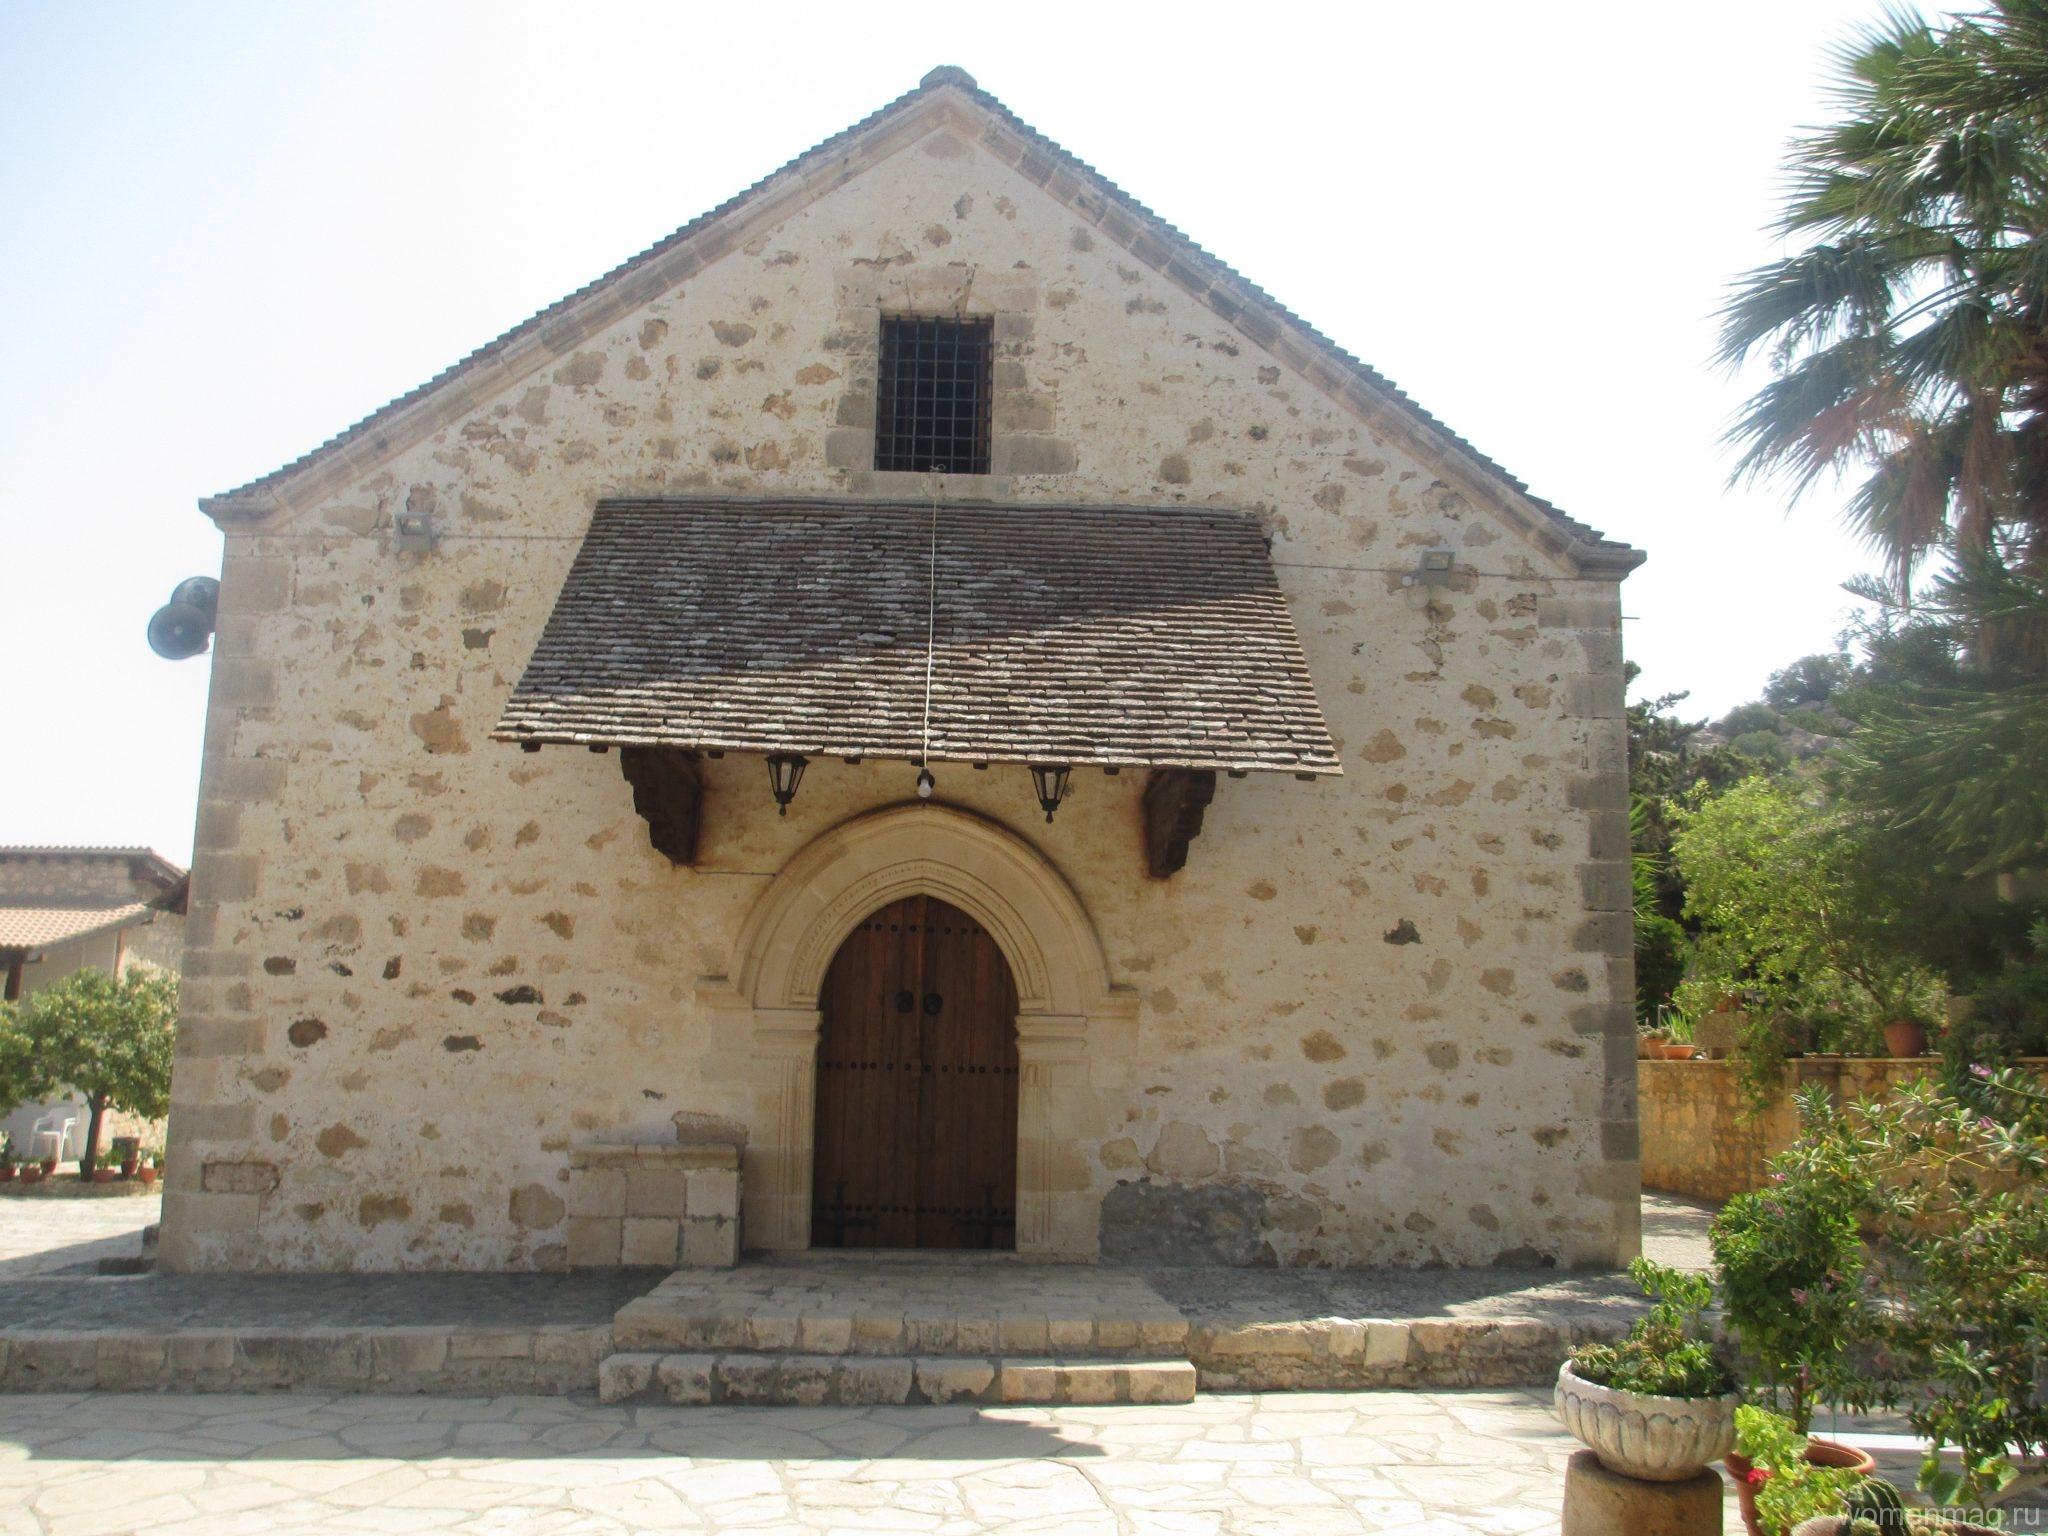 Монастырь Святого Николая. Лимассол. Кипр